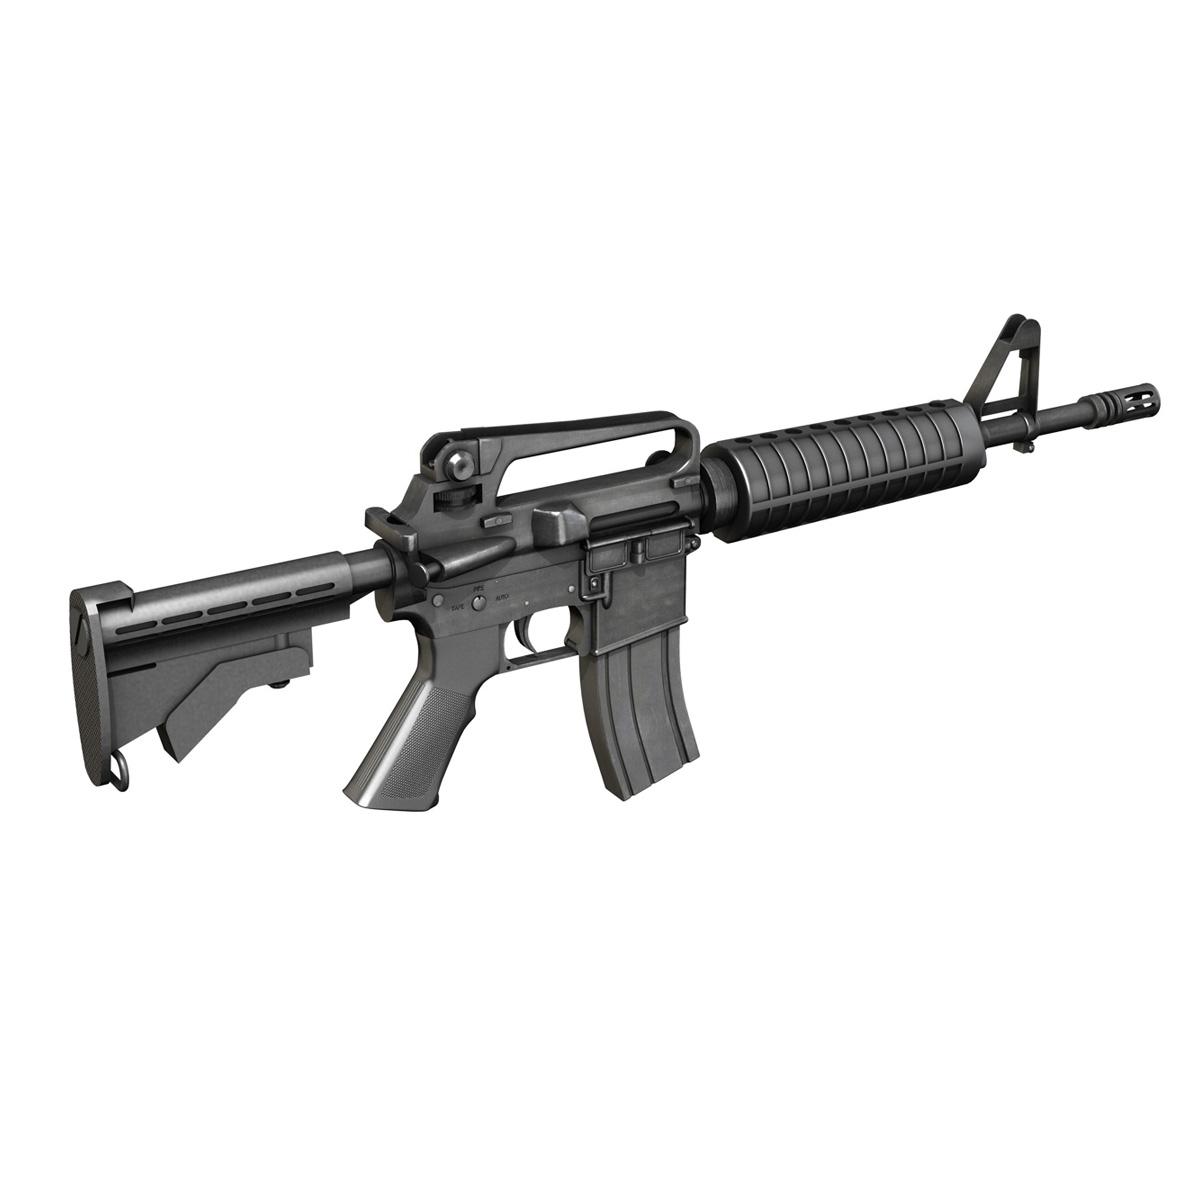 Colt M4 Commando Assault rifle